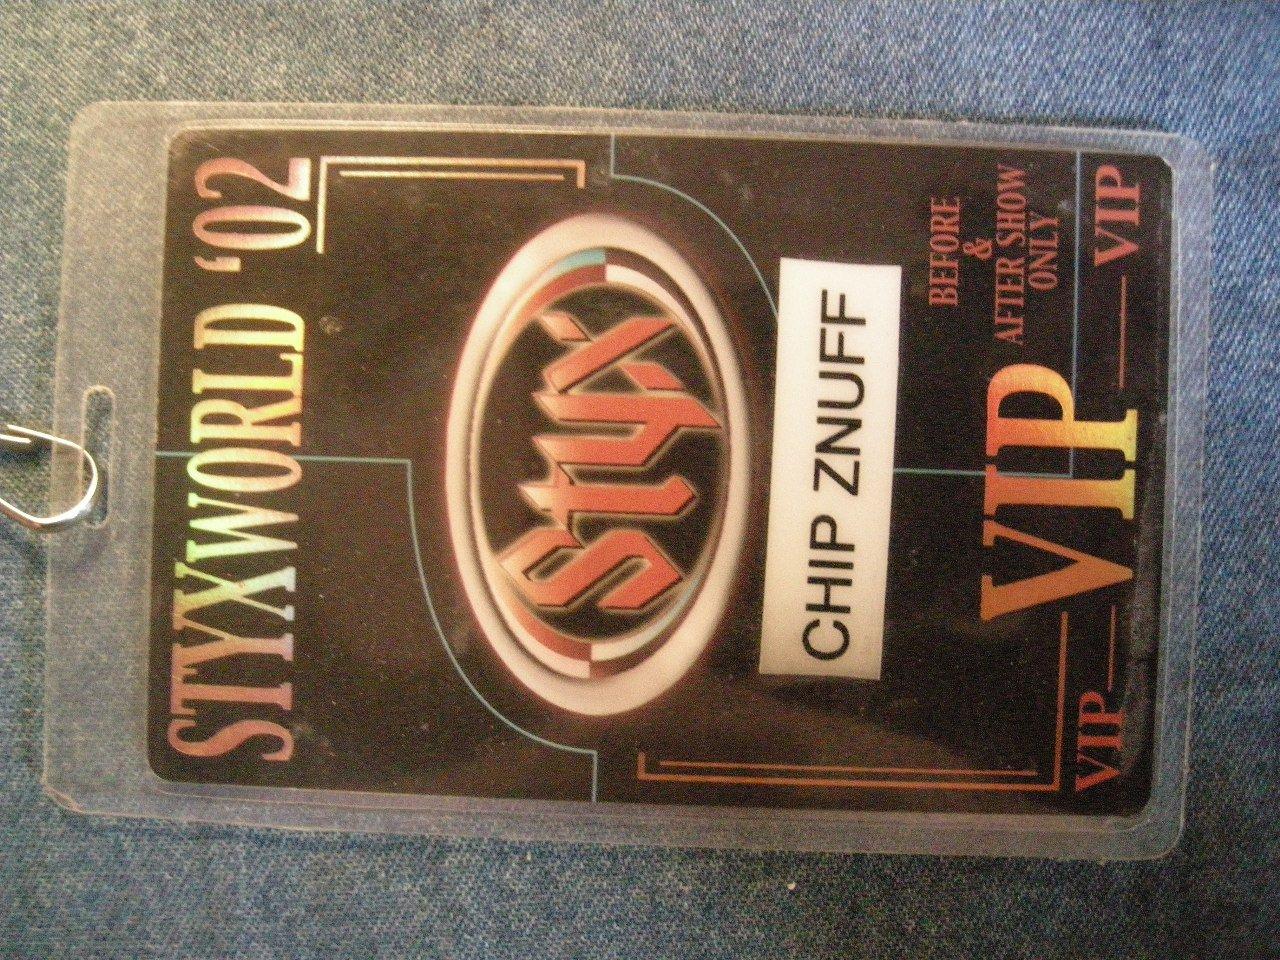 STYX BACKSTAGE PASS Styxworld 2002 enuff z'nuff chip vip laminate bsp